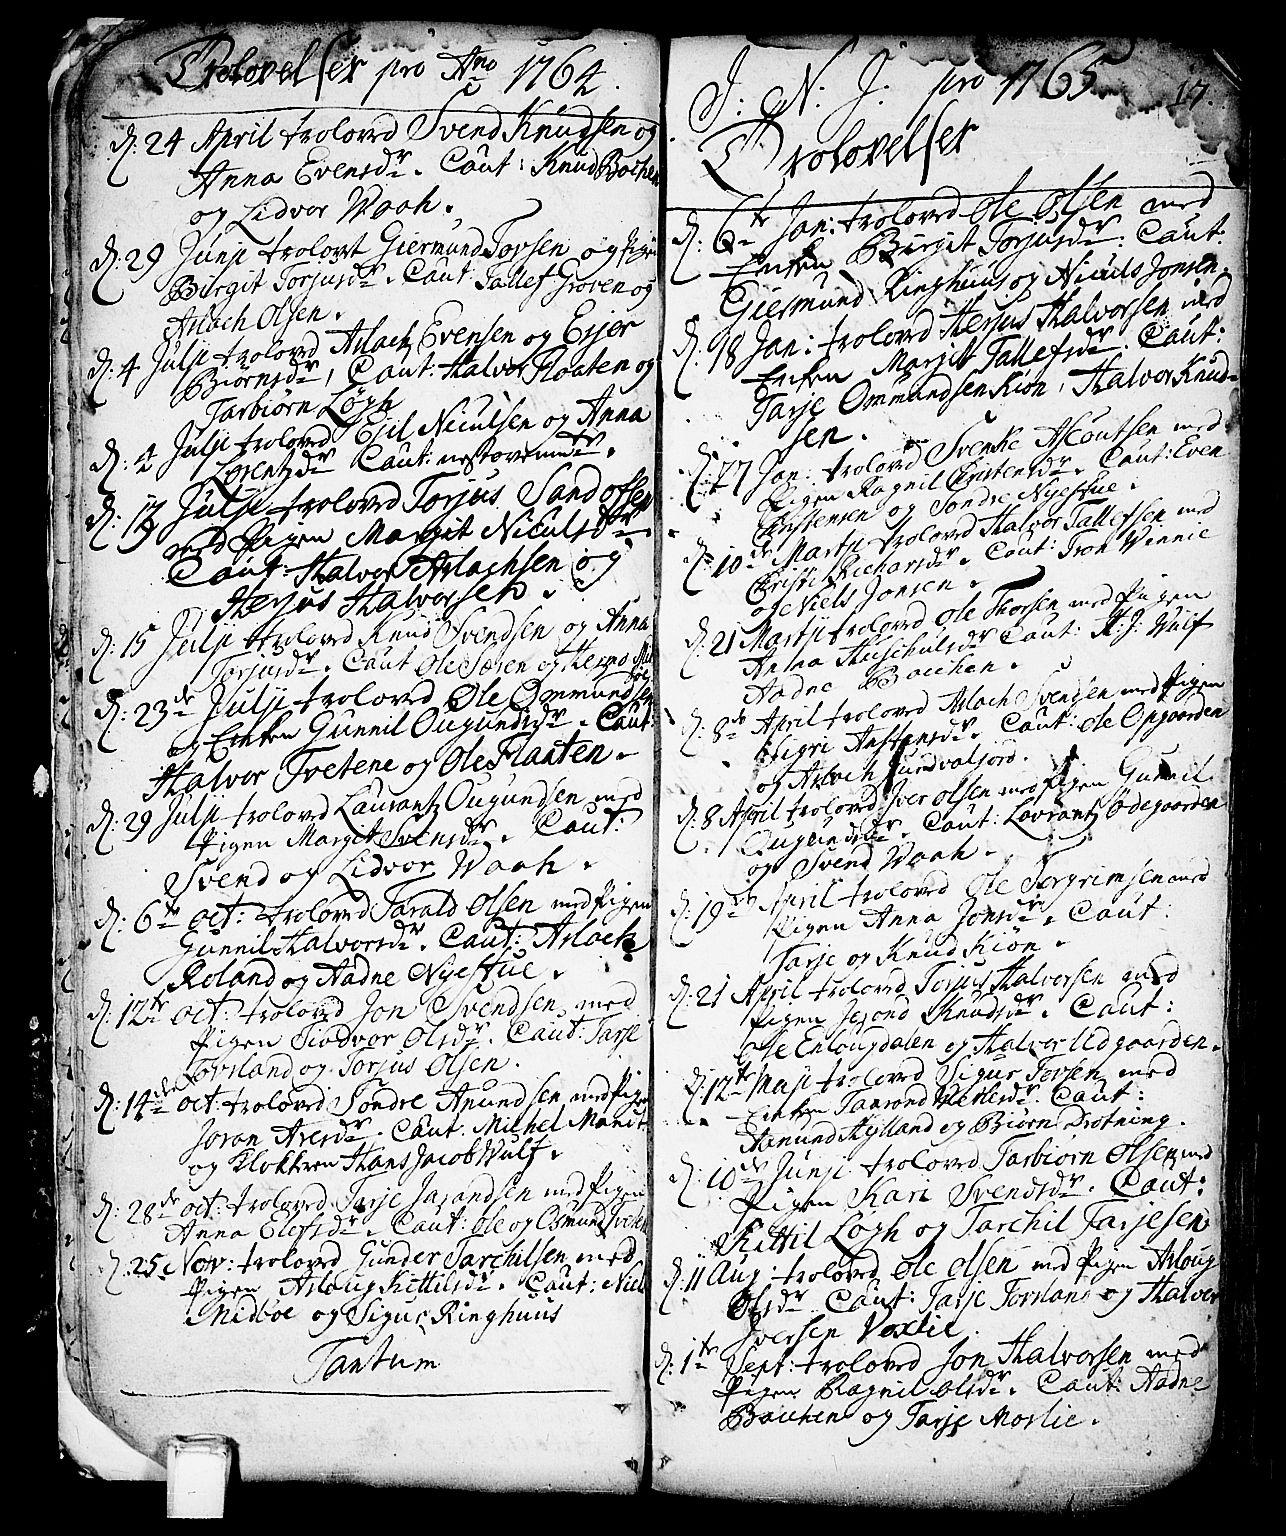 SAKO, Vinje kirkebøker, F/Fa/L0001: Ministerialbok nr. I 1, 1717-1766, s. 17